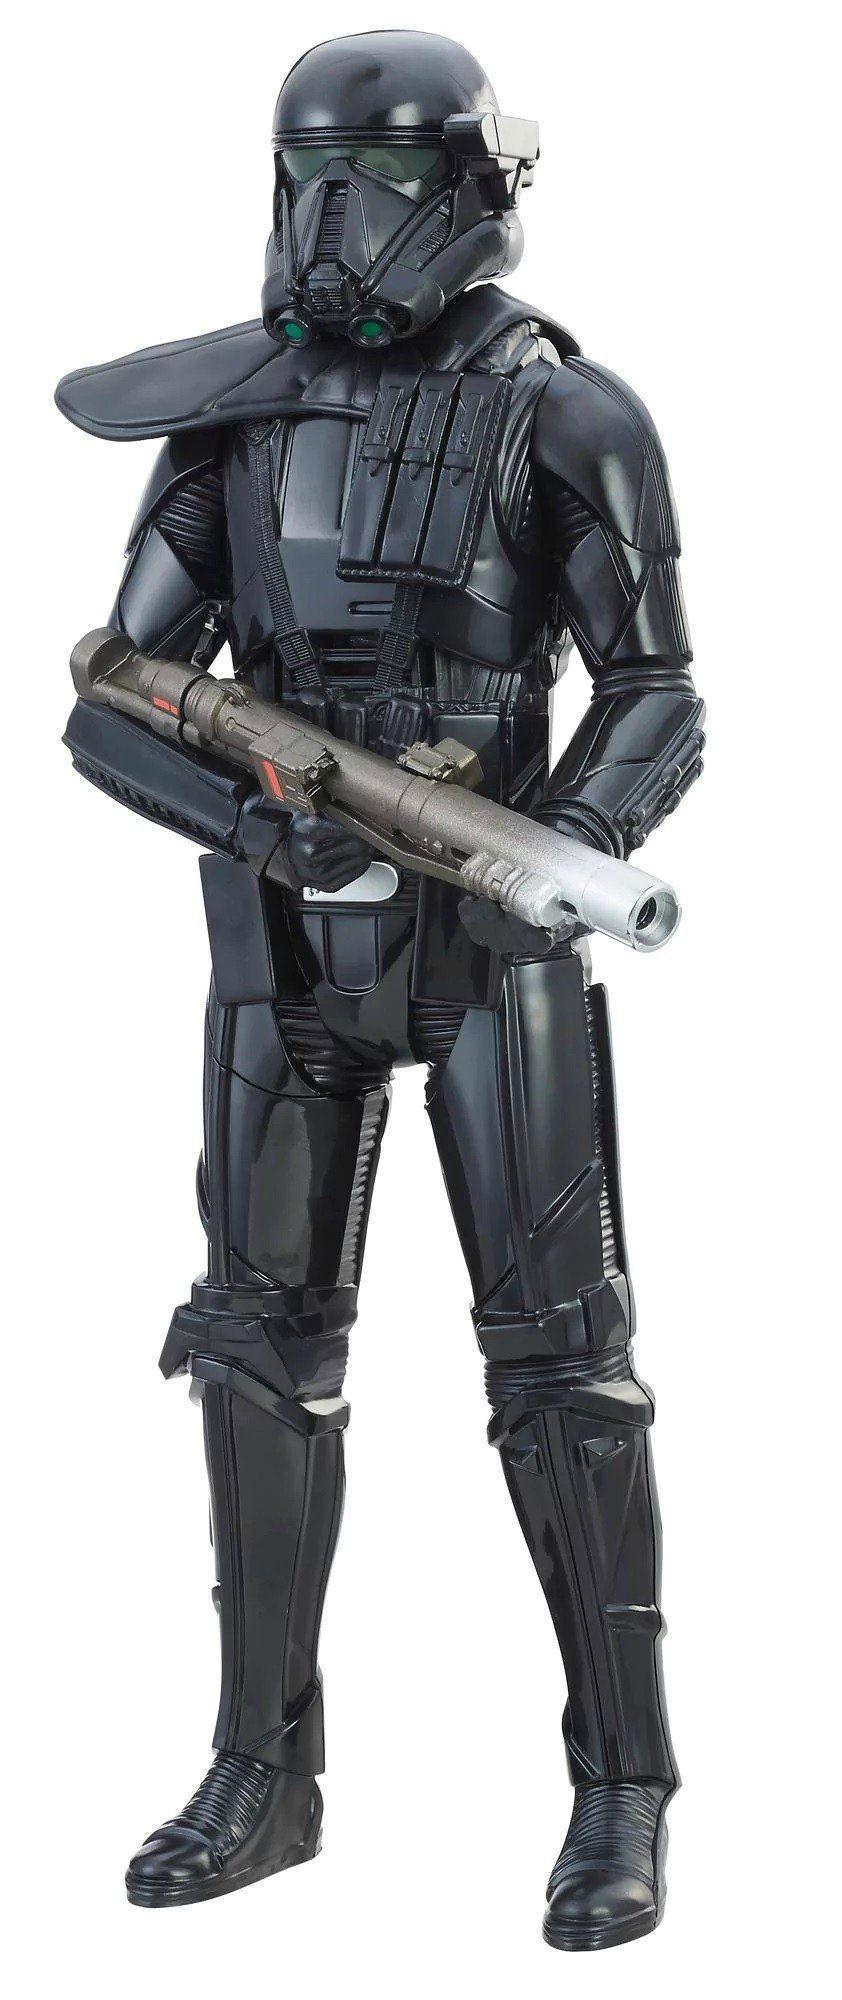 Boneco Imperial Death Trooper (Duelo Eletrônico): Star Wars - Hasbro